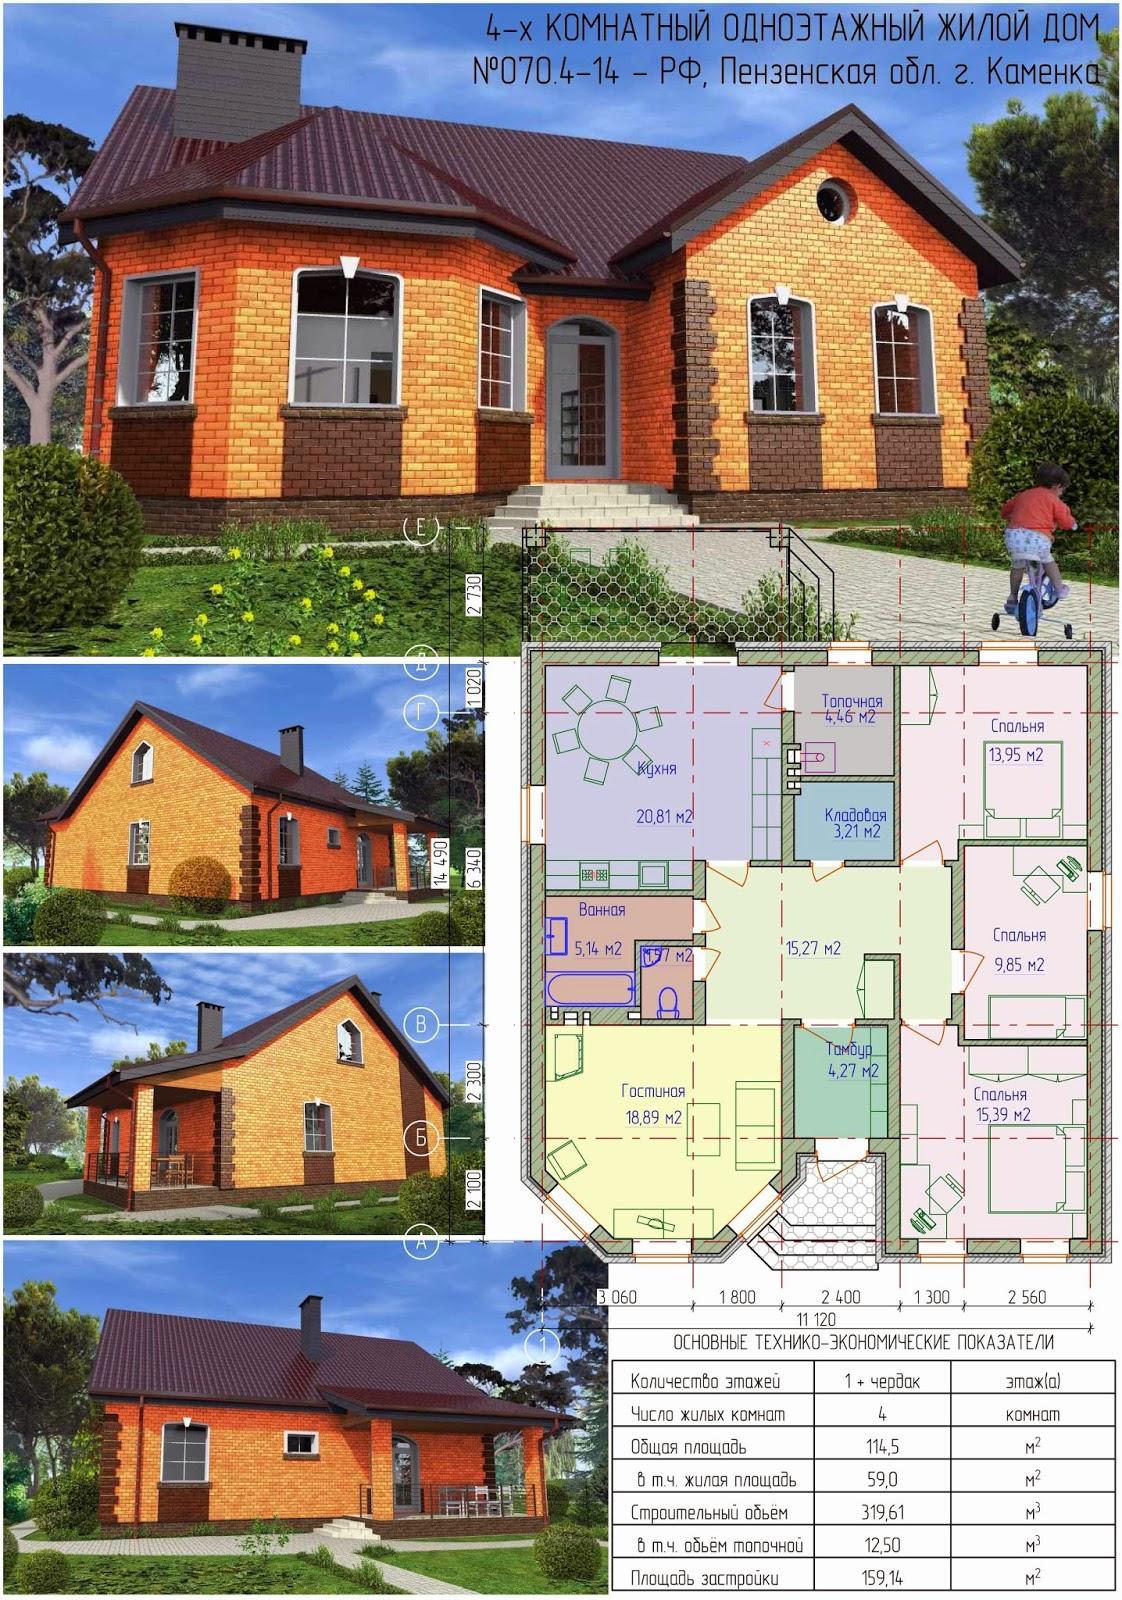 проект дома номер 070_04  мороза скачать бесплатно